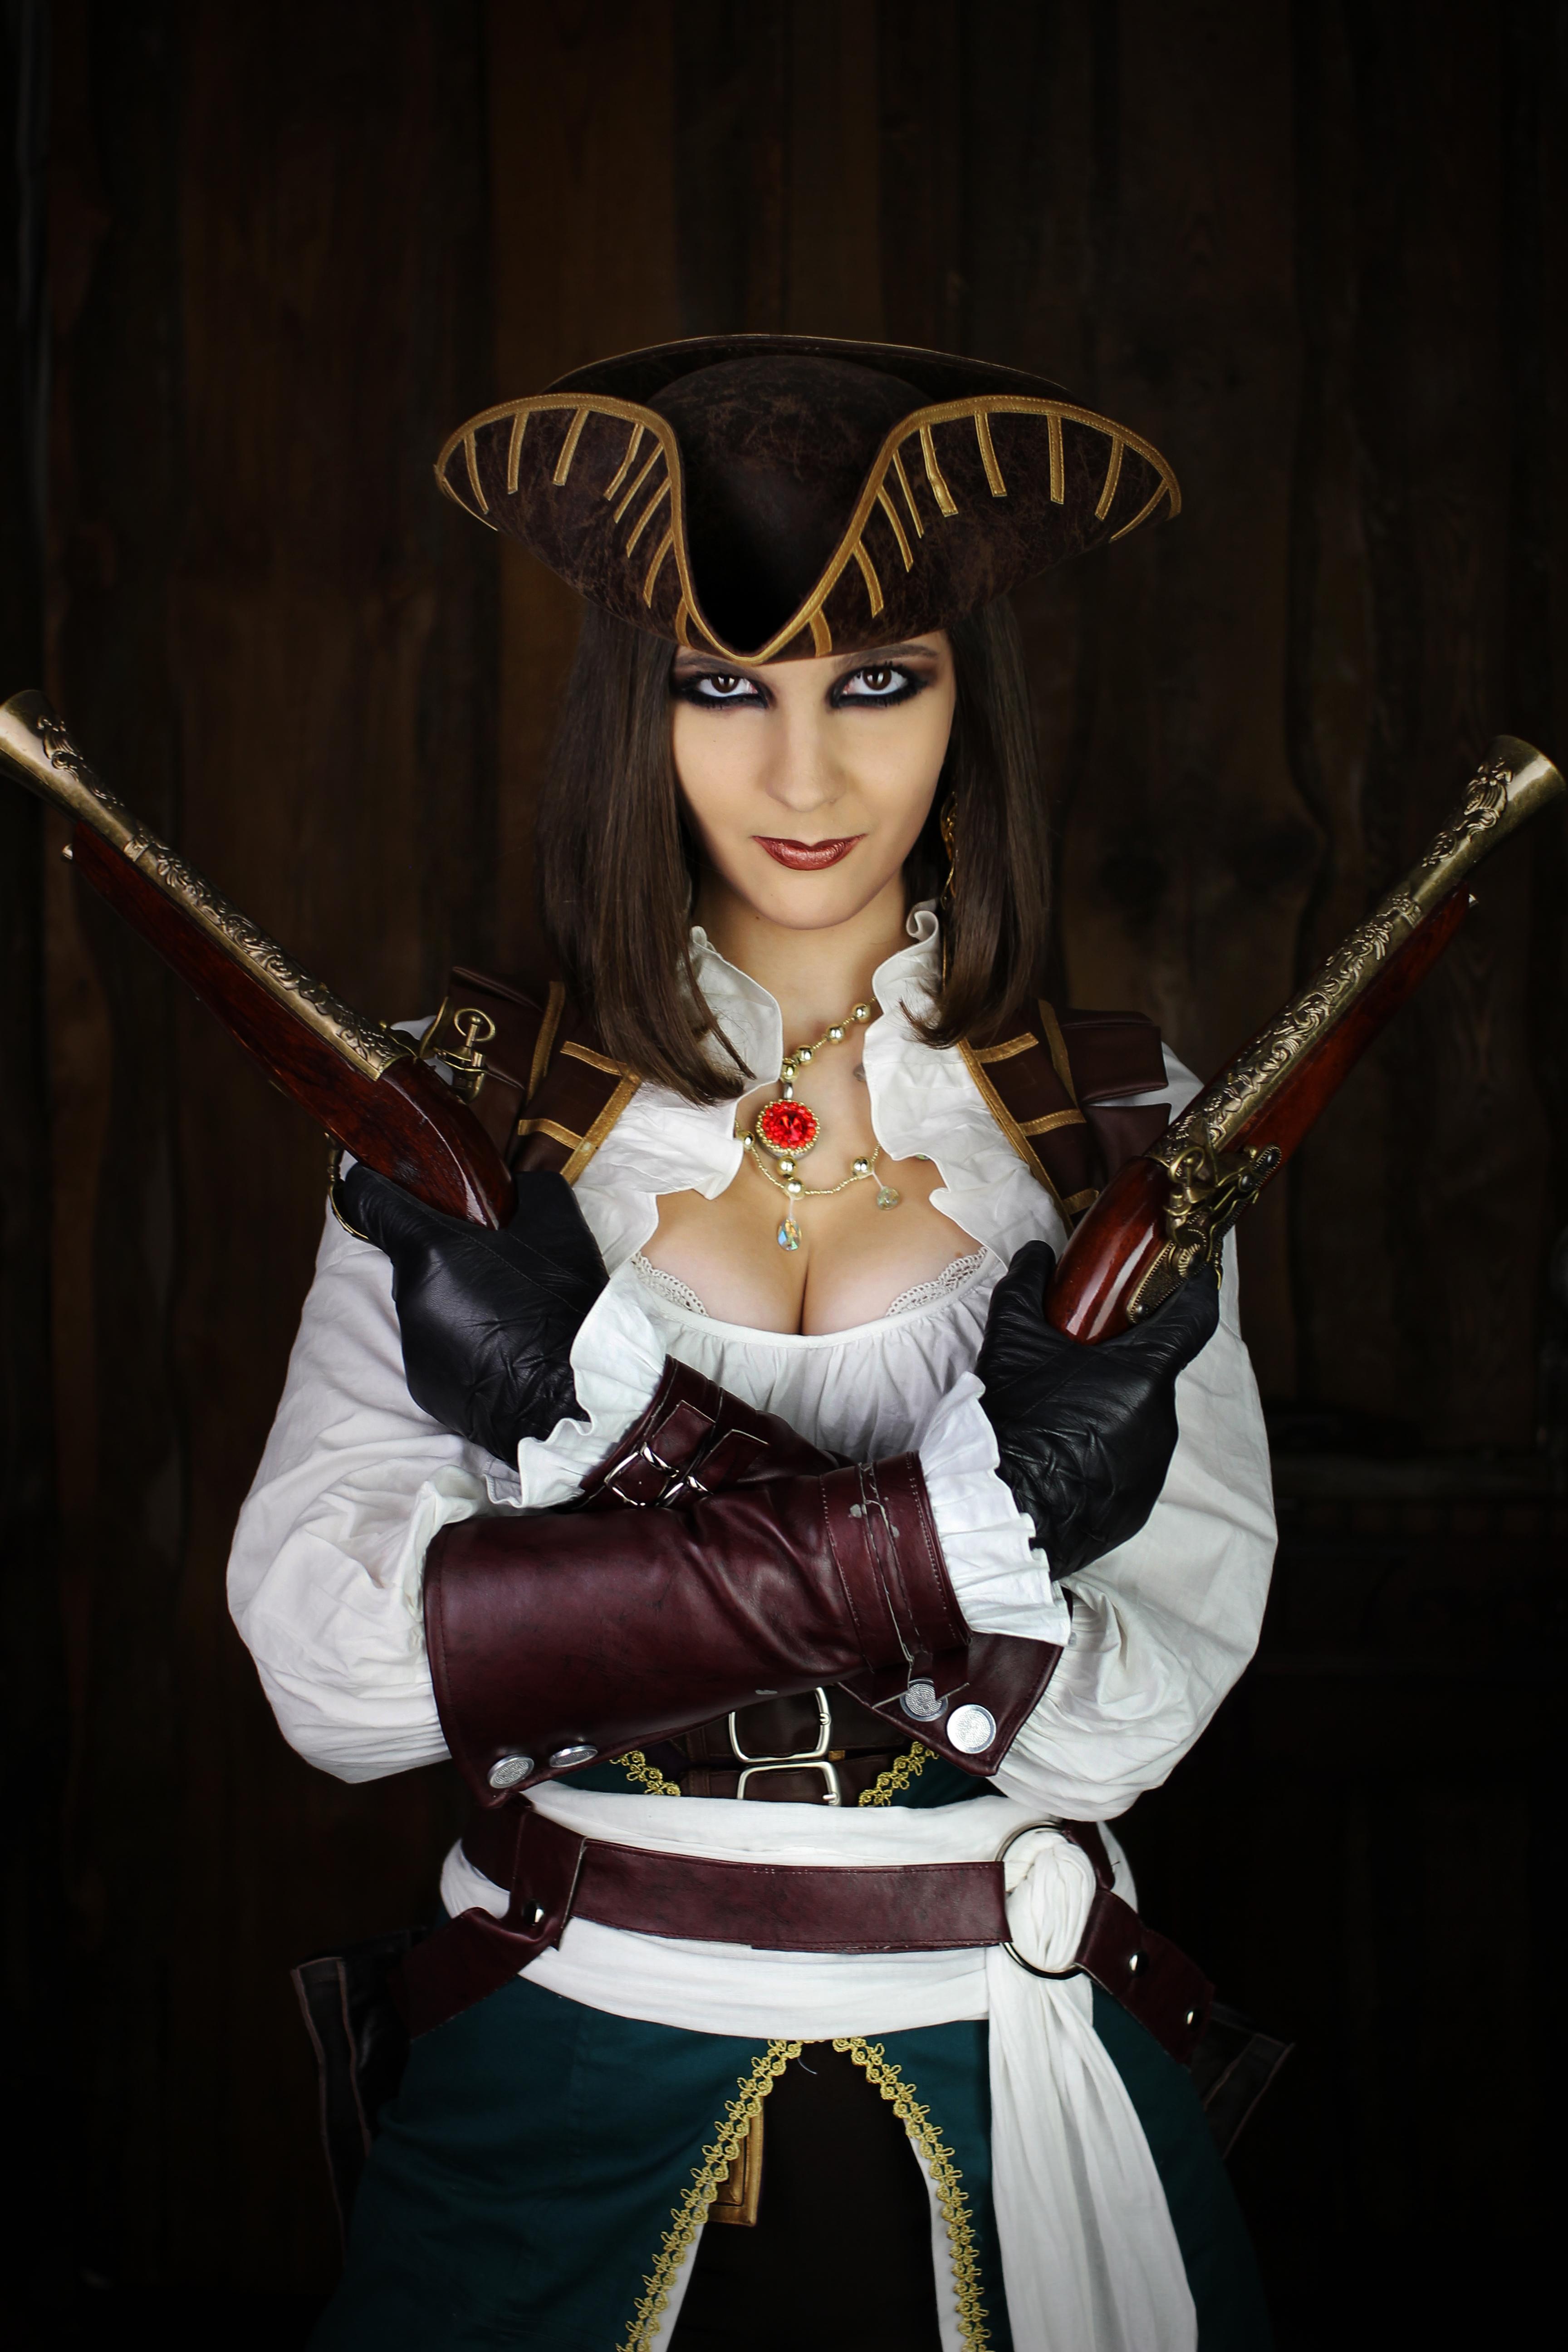 NiGHTSgirl666's Profile Picture